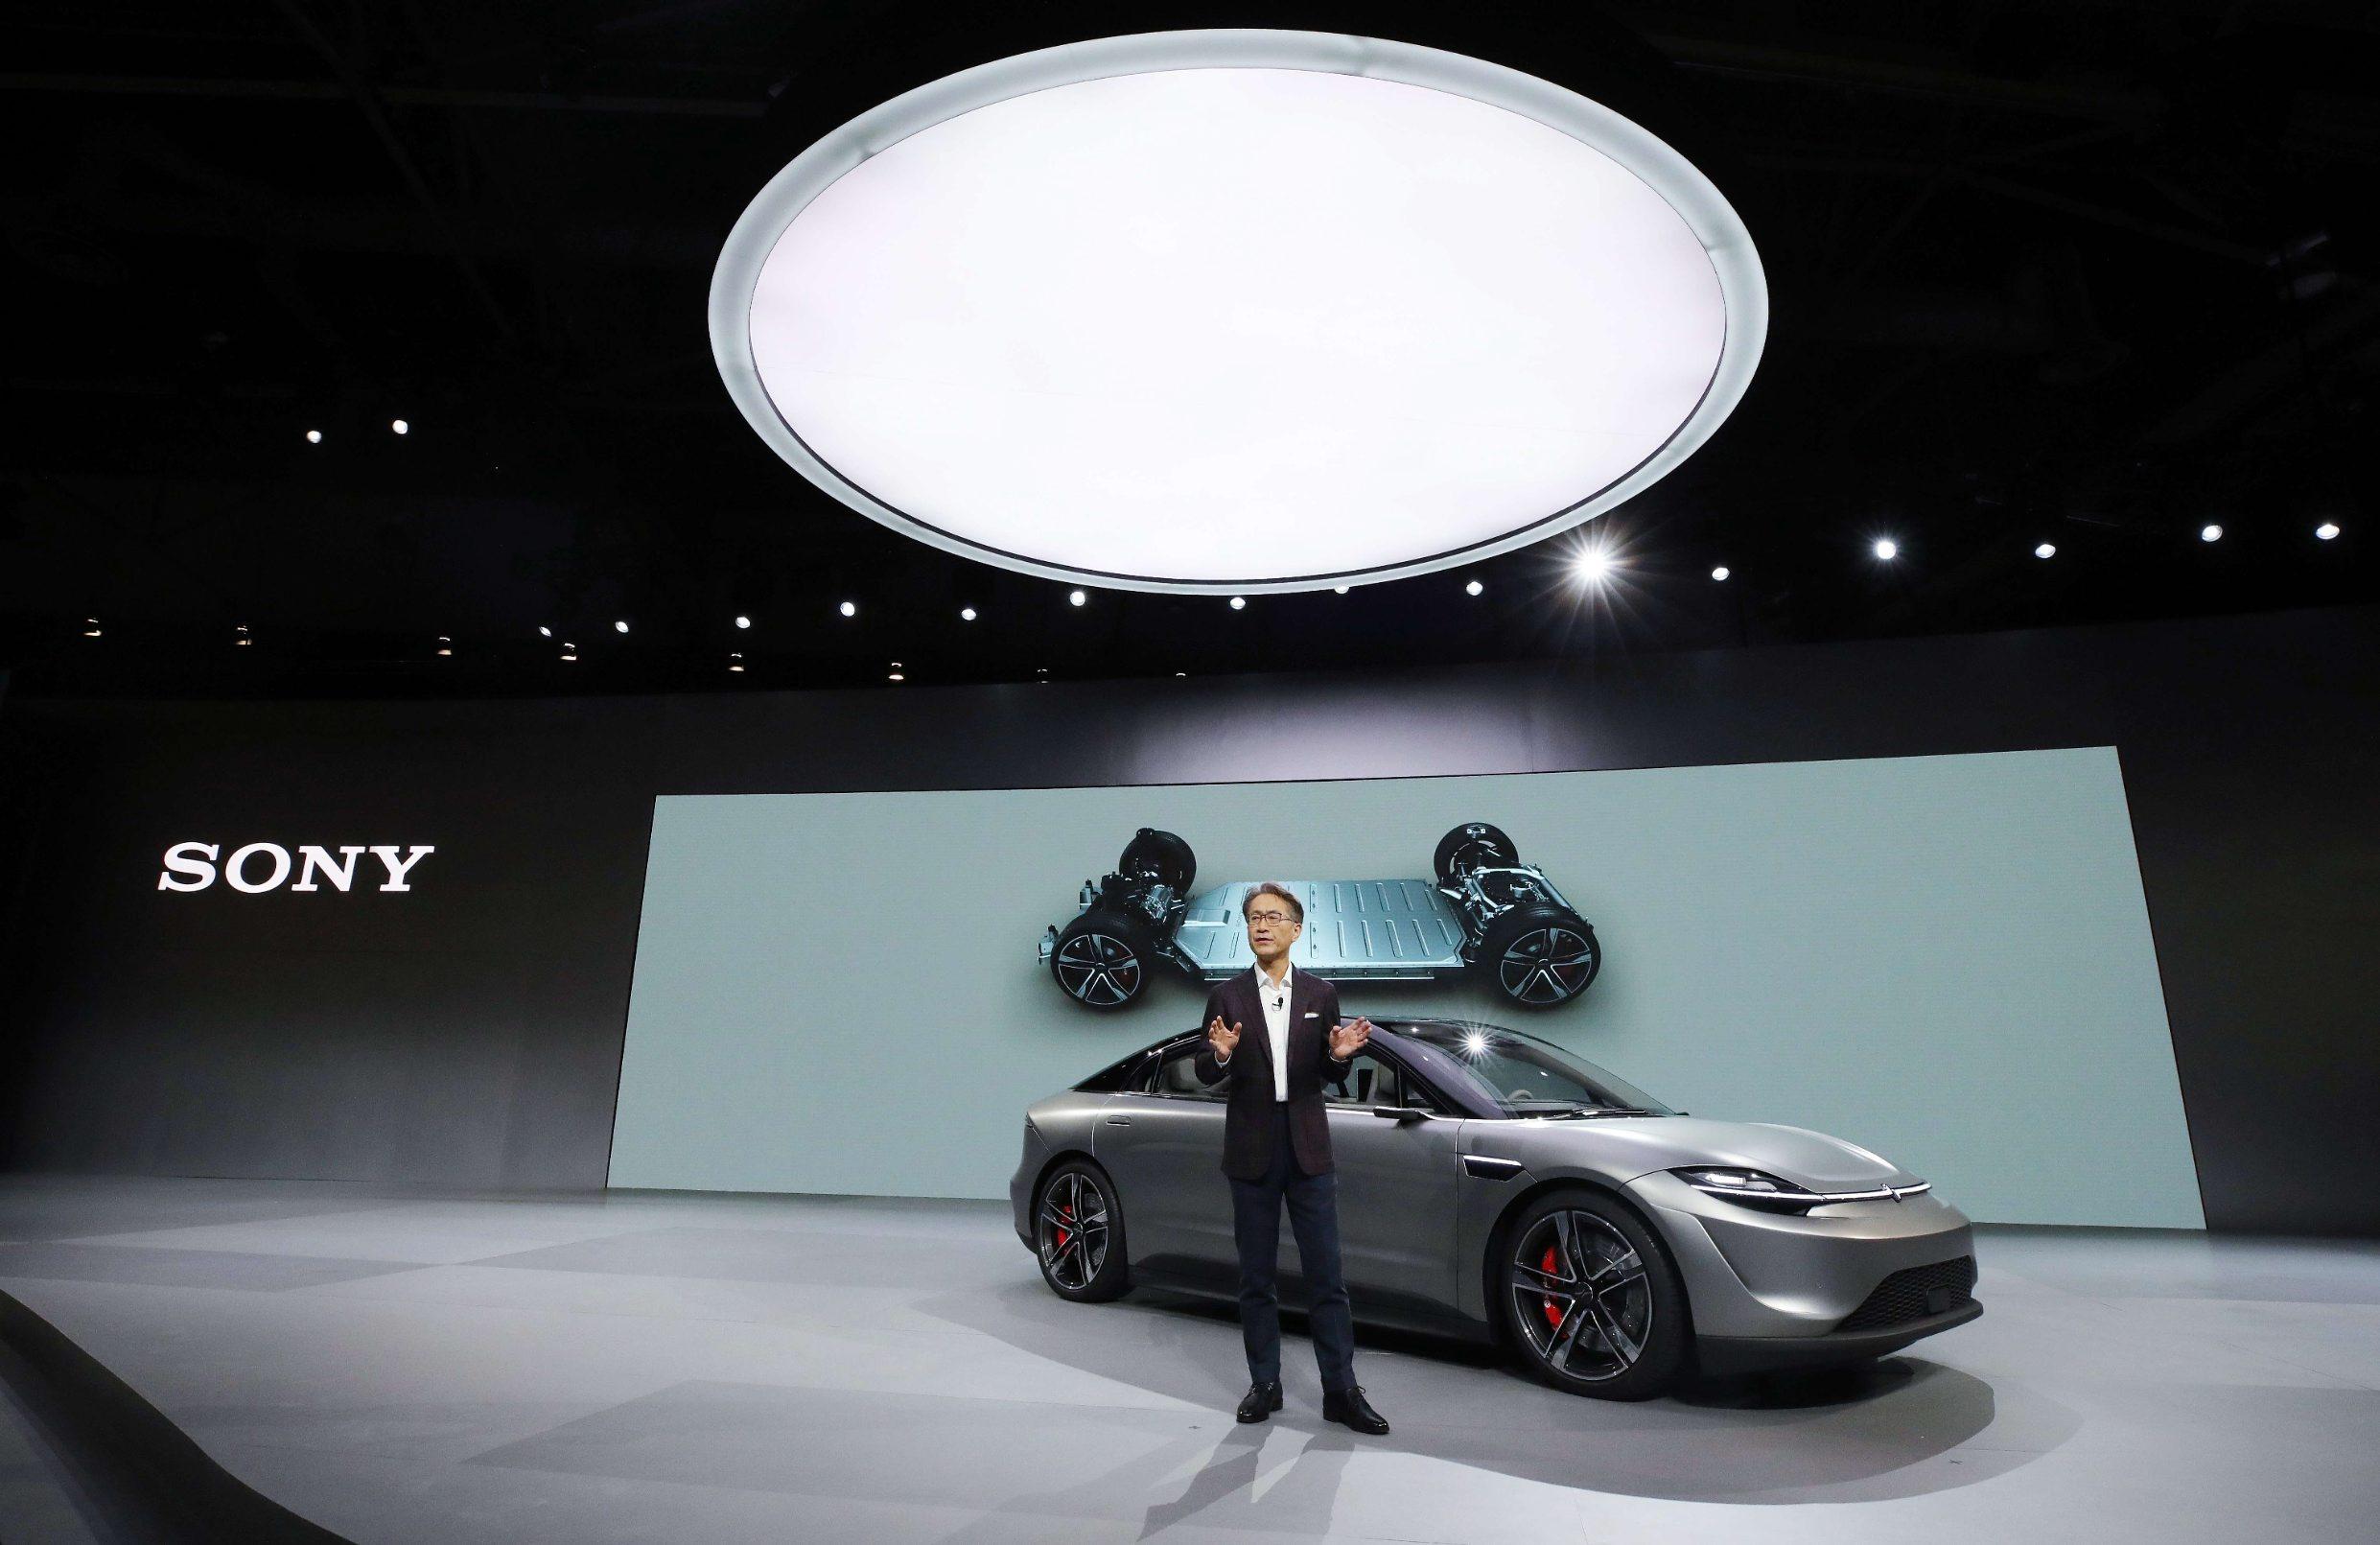 Izvršni direktor Sonyja Kenichiro Yoshida predstavlja električni automobil kompanije Vision S